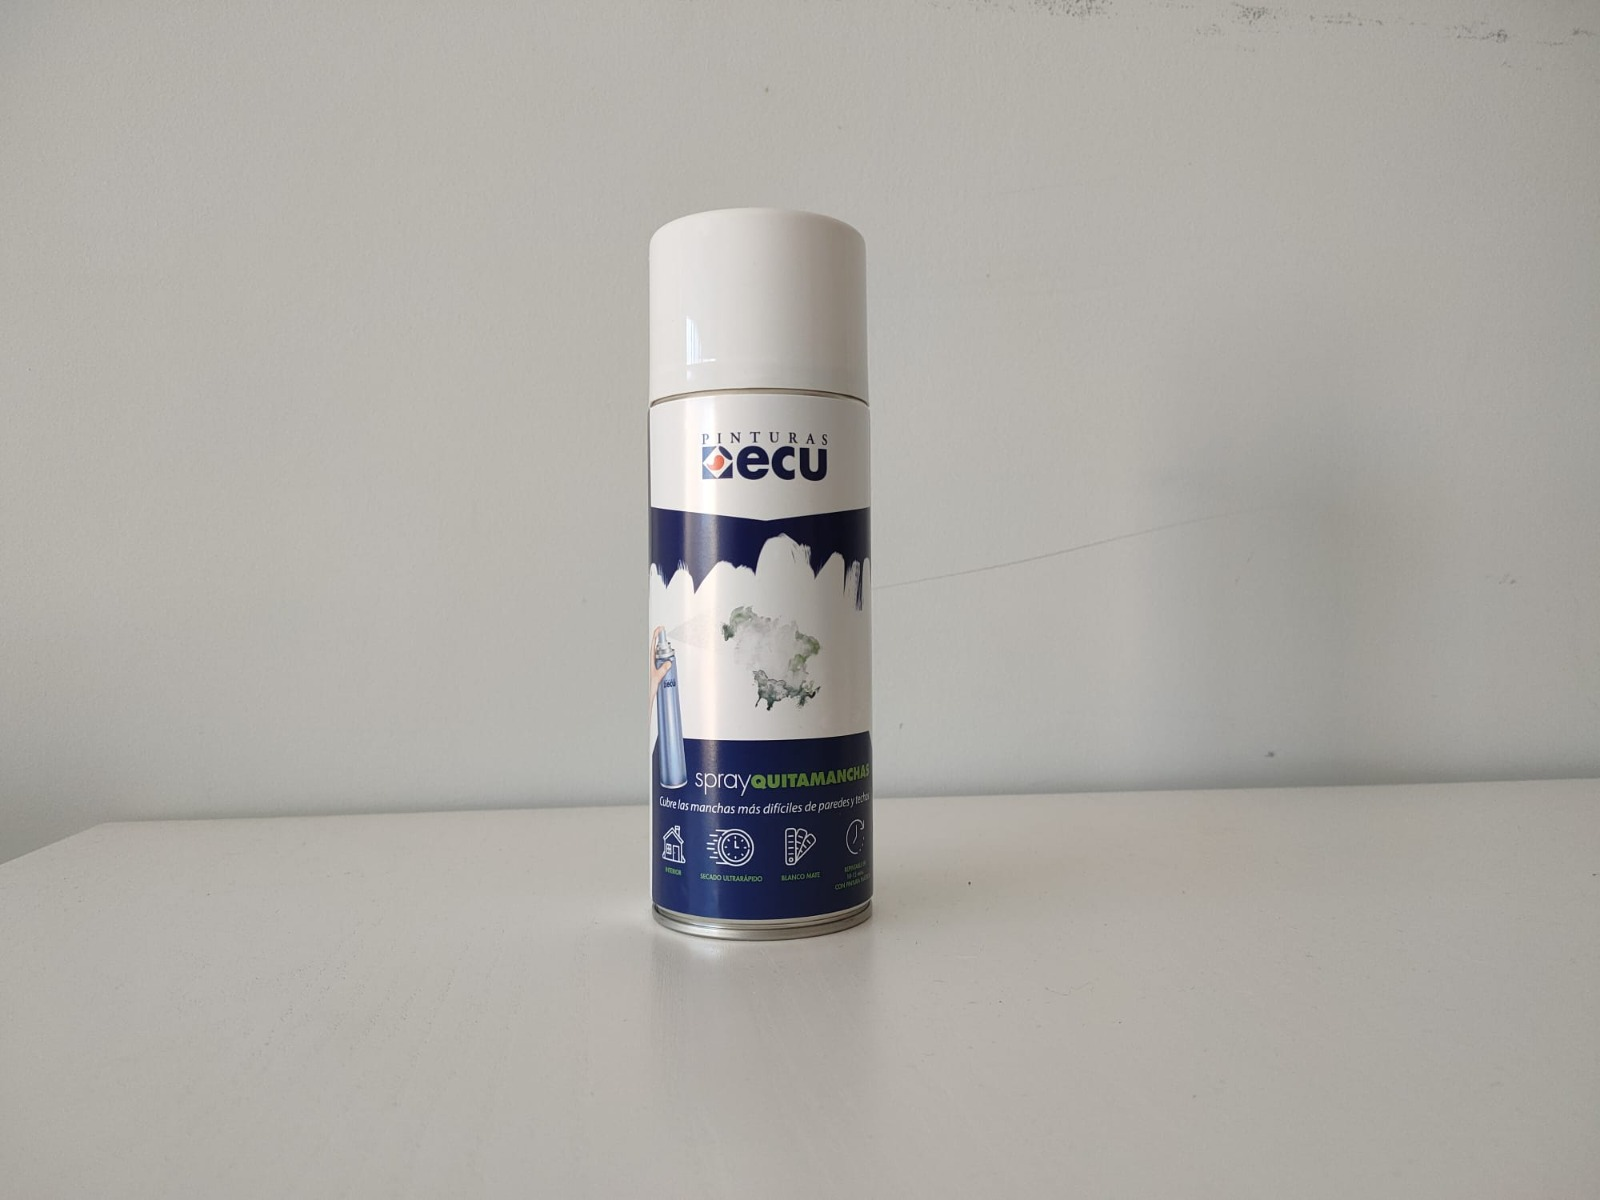 Nuevo Spray Quitamanchas de Pinturas Ecu